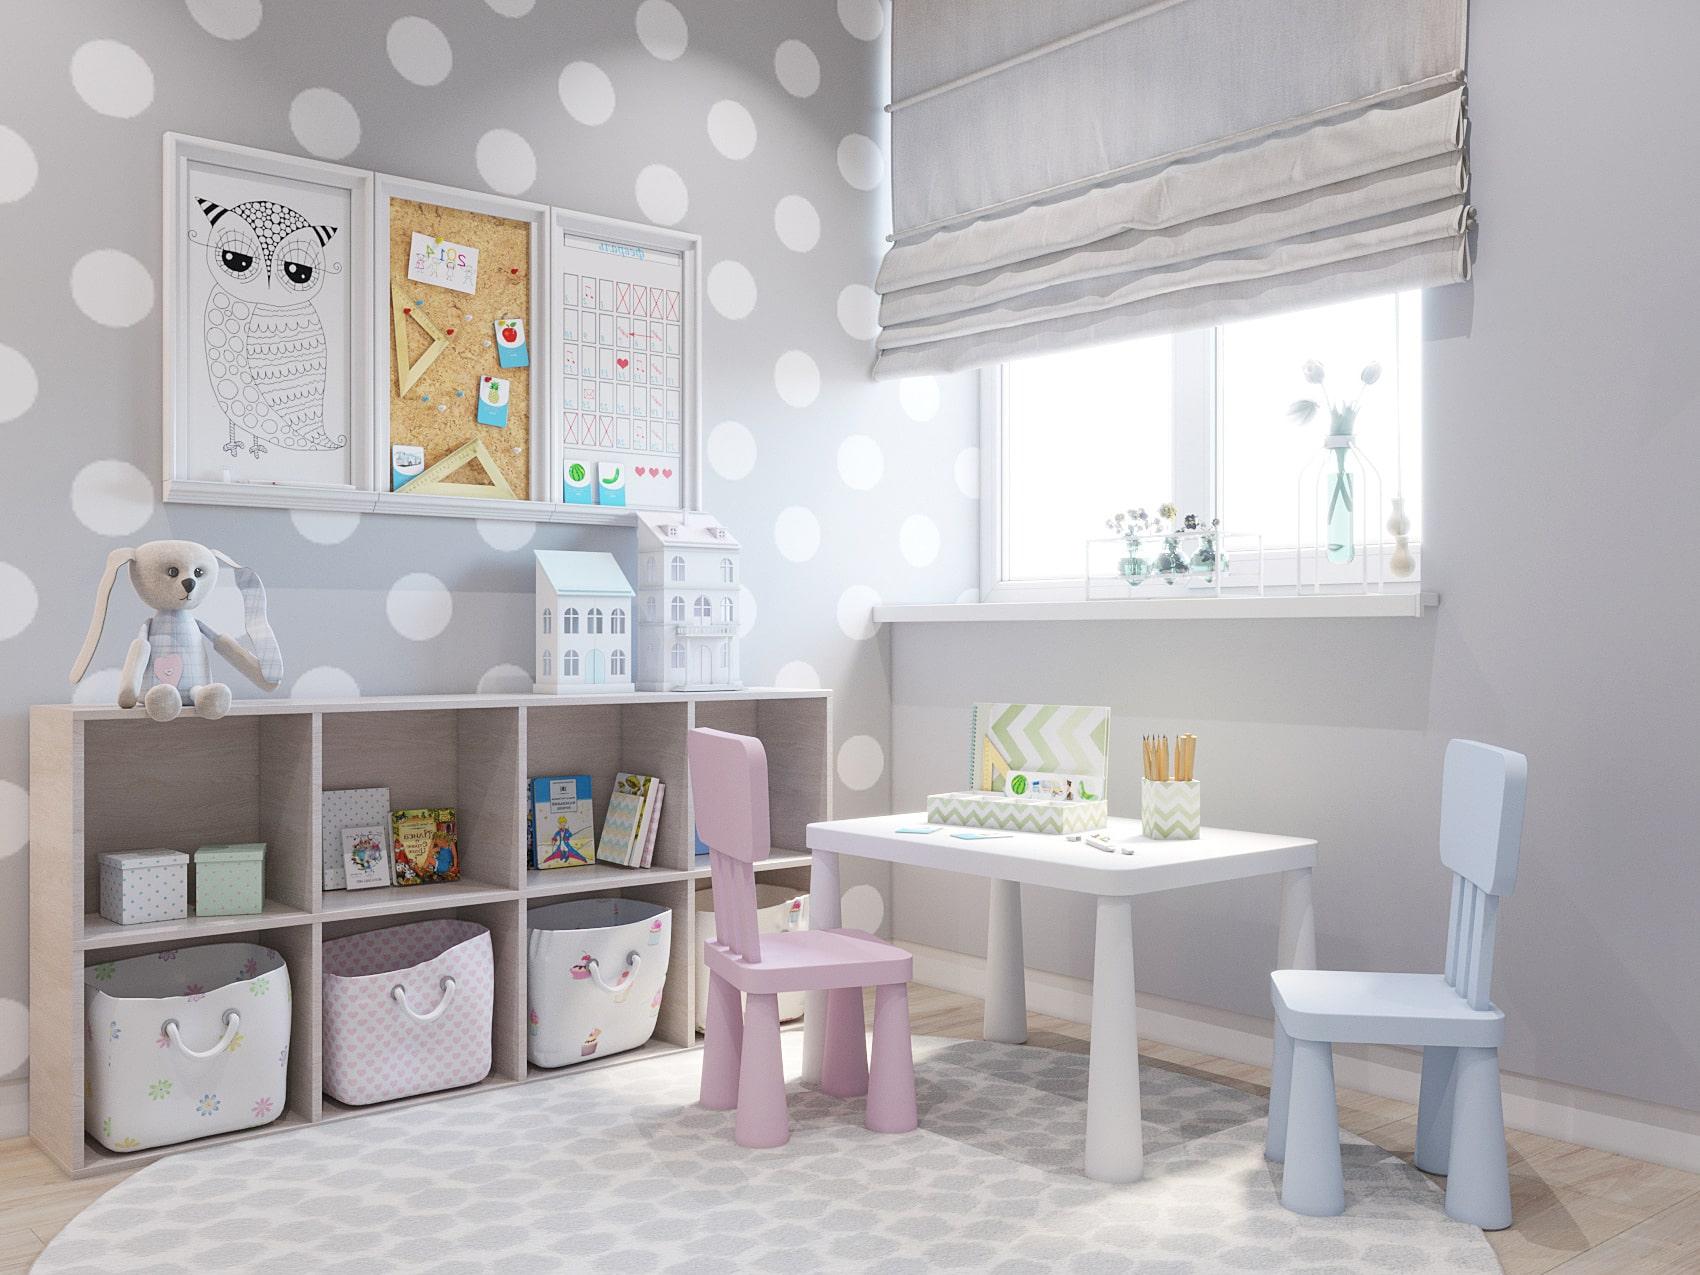 chambre d'enfant pour une fille photo 8